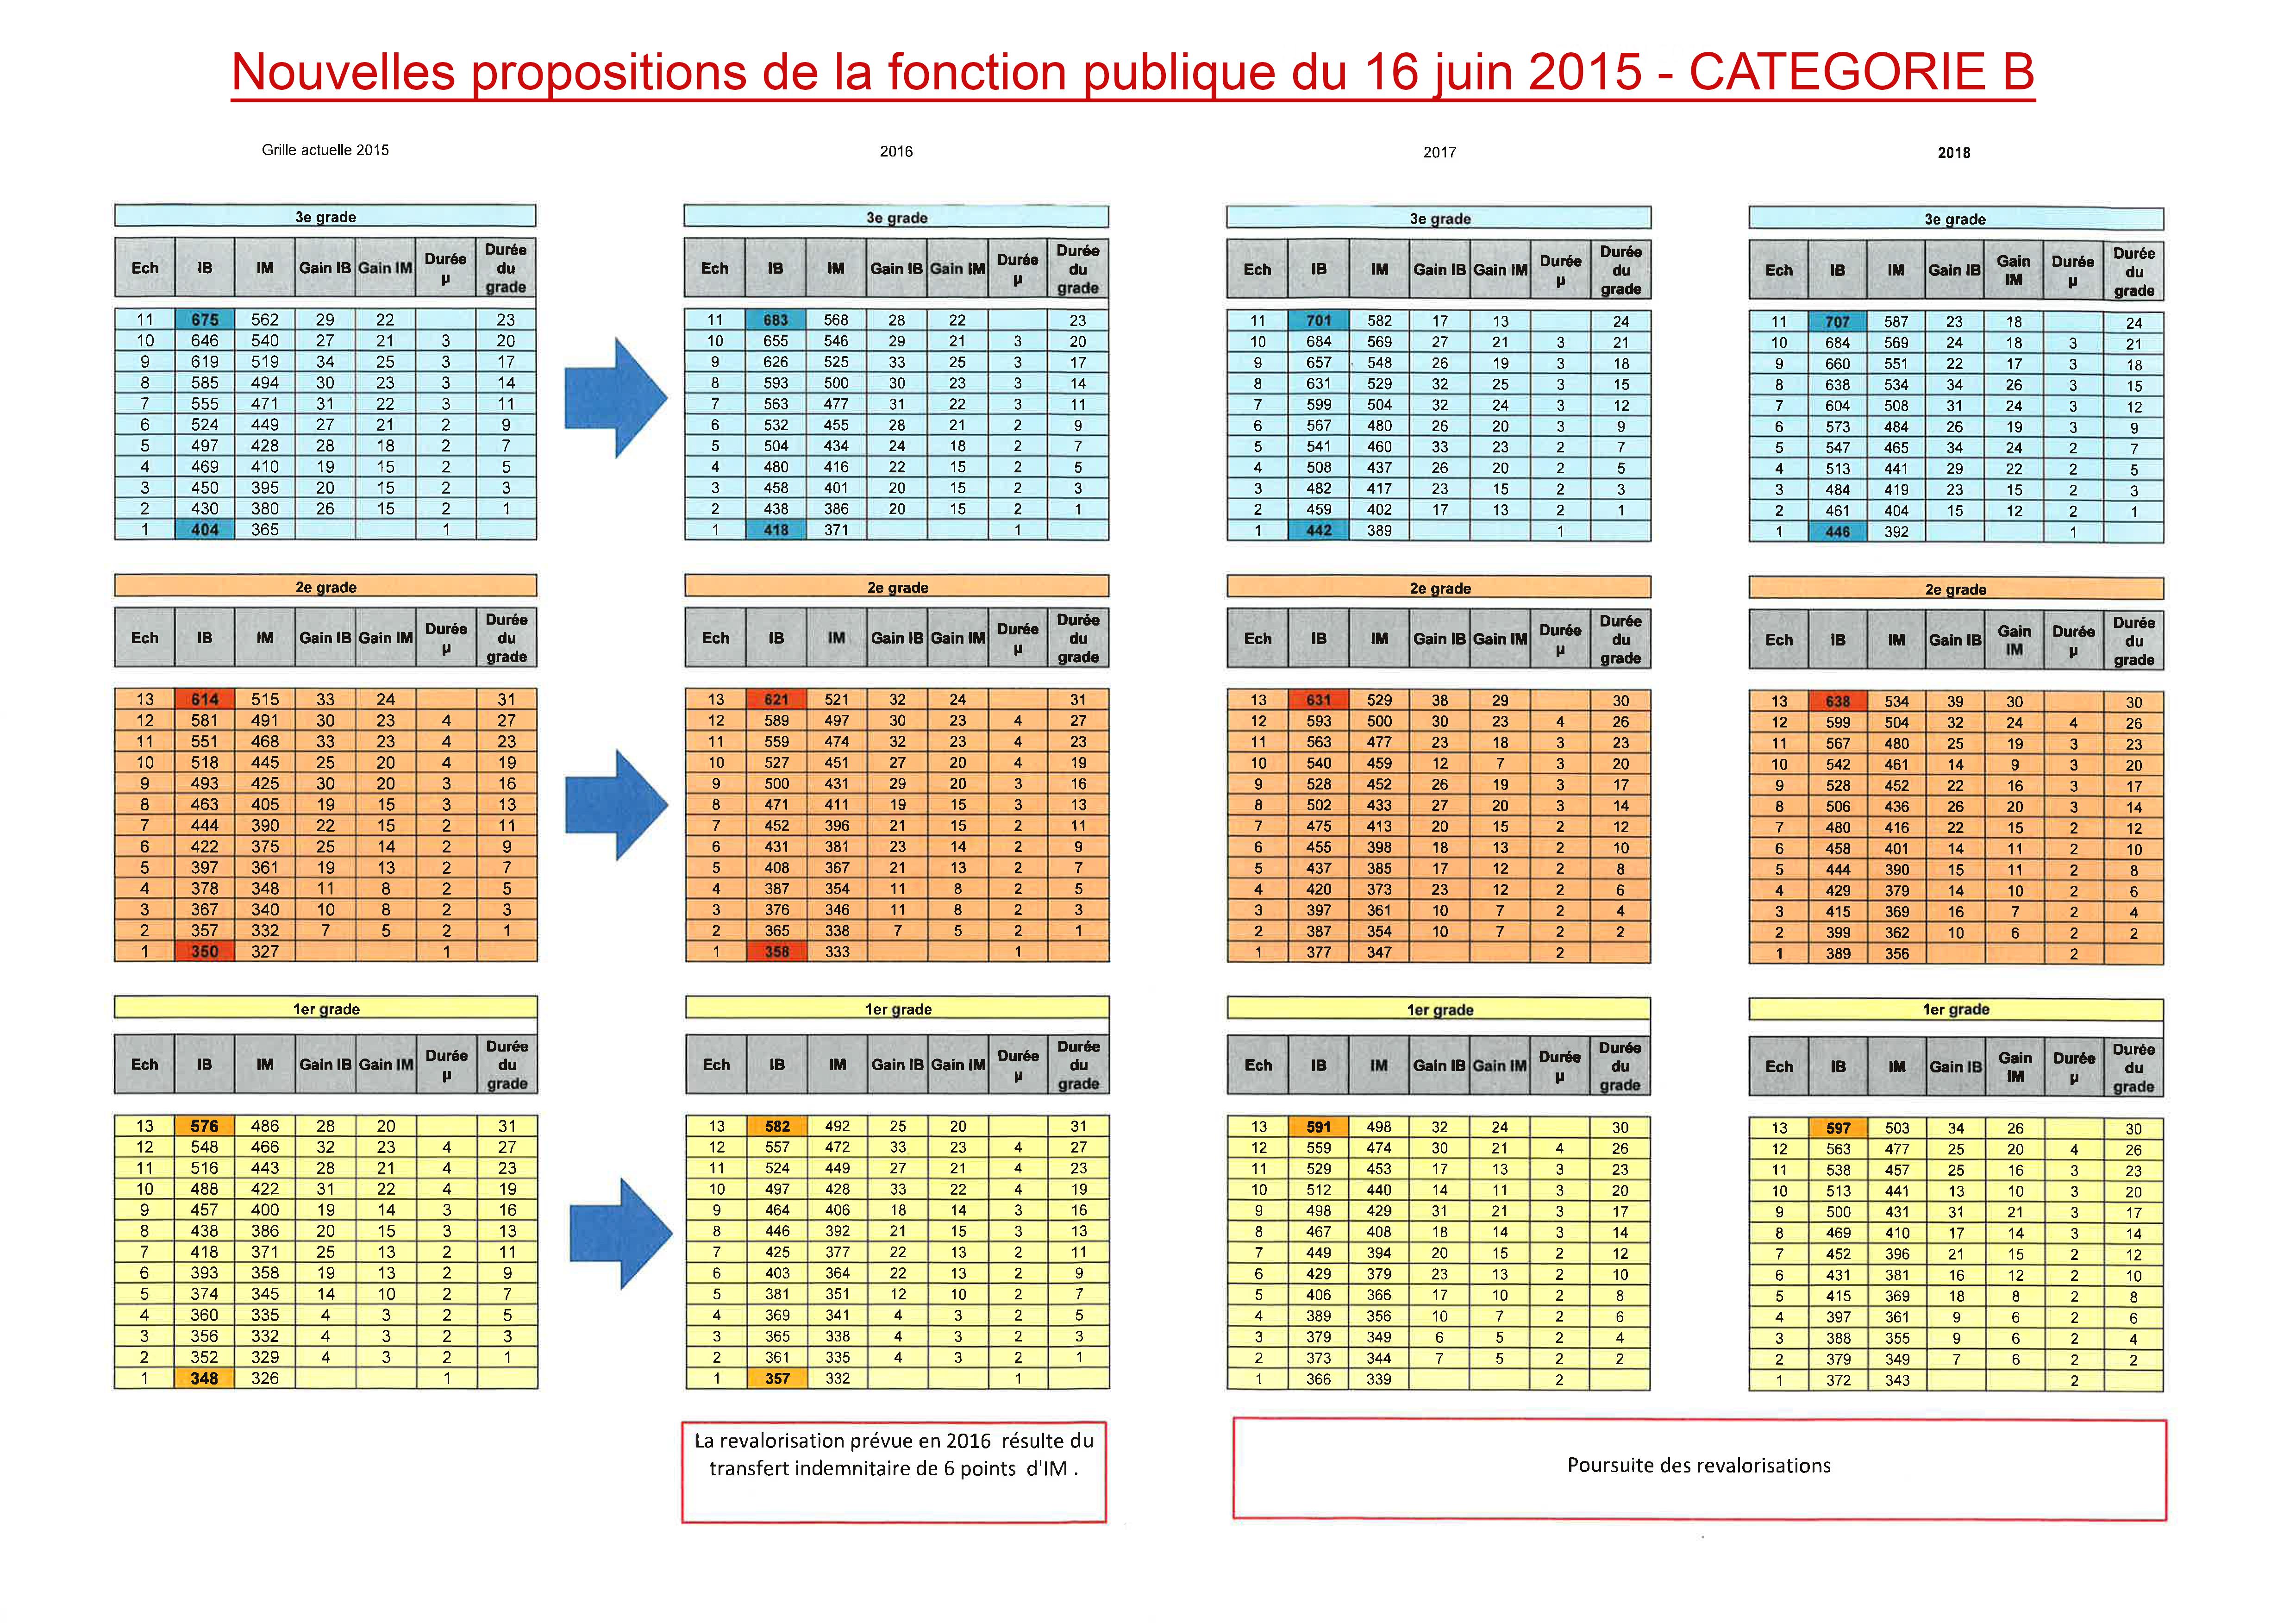 Ppcr nouvelles propositions de grilles salariales - Grille secretaire administratif ...